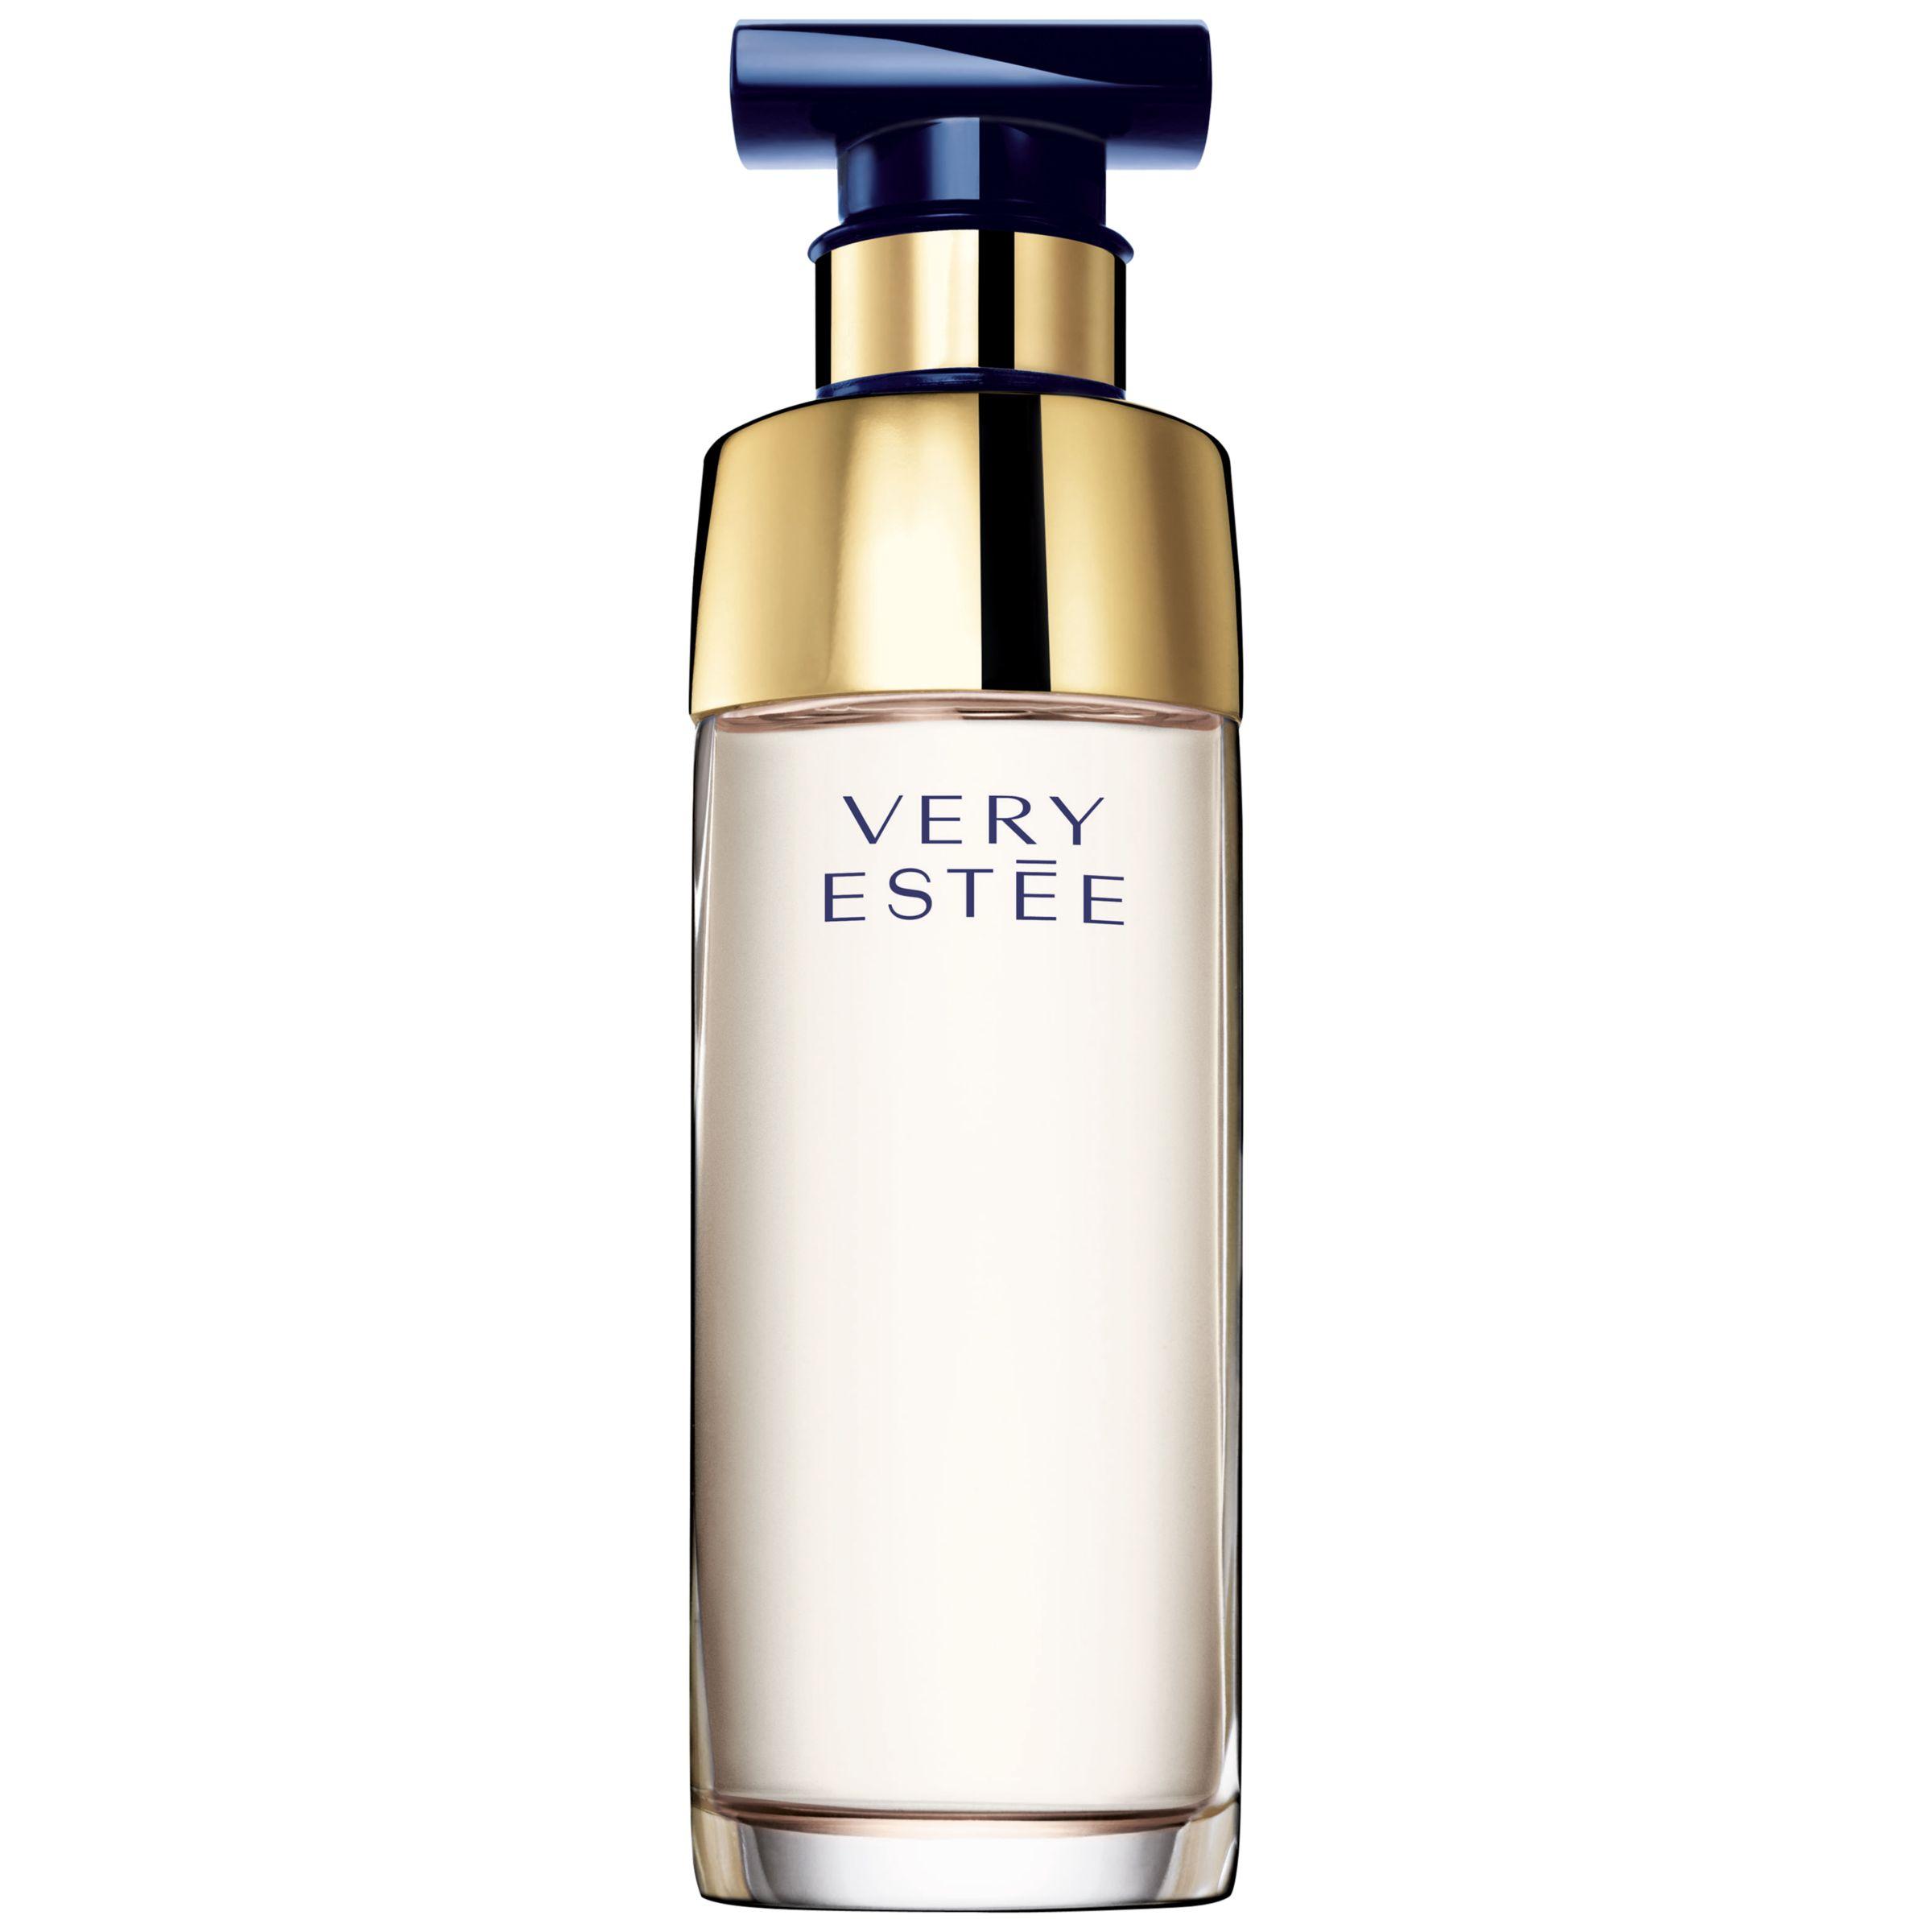 Estée Lauder Very Estée Eau de Parfum, 50ml